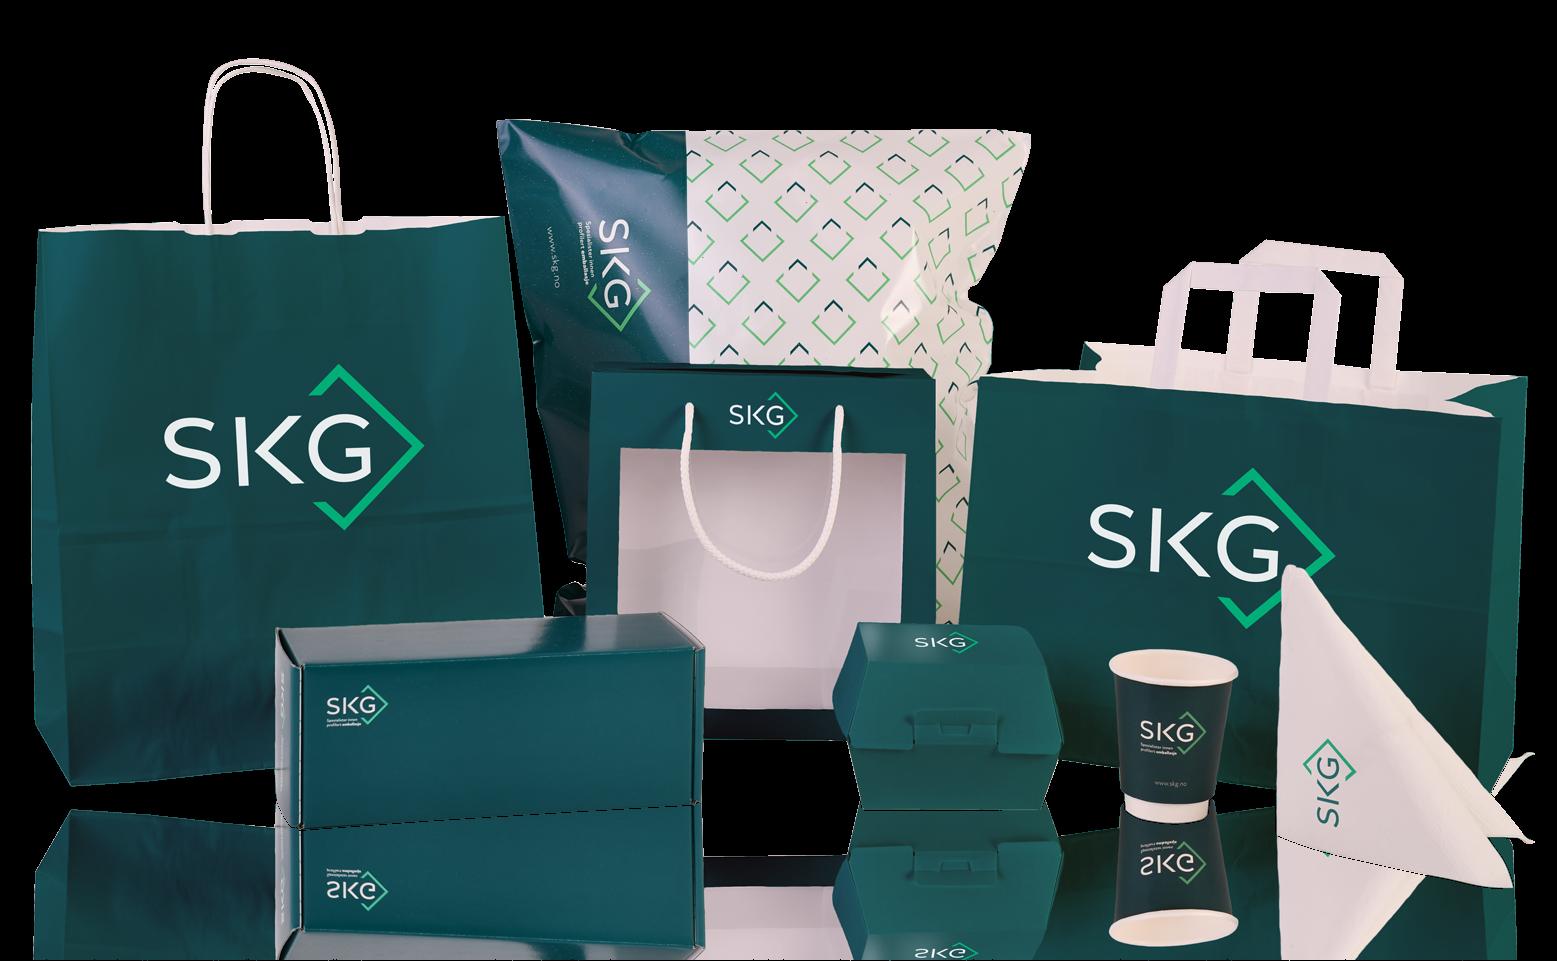 Poser, esker, kopper og Take Away emballasje med logo | SKG - Spesialister innen profilert emballasje